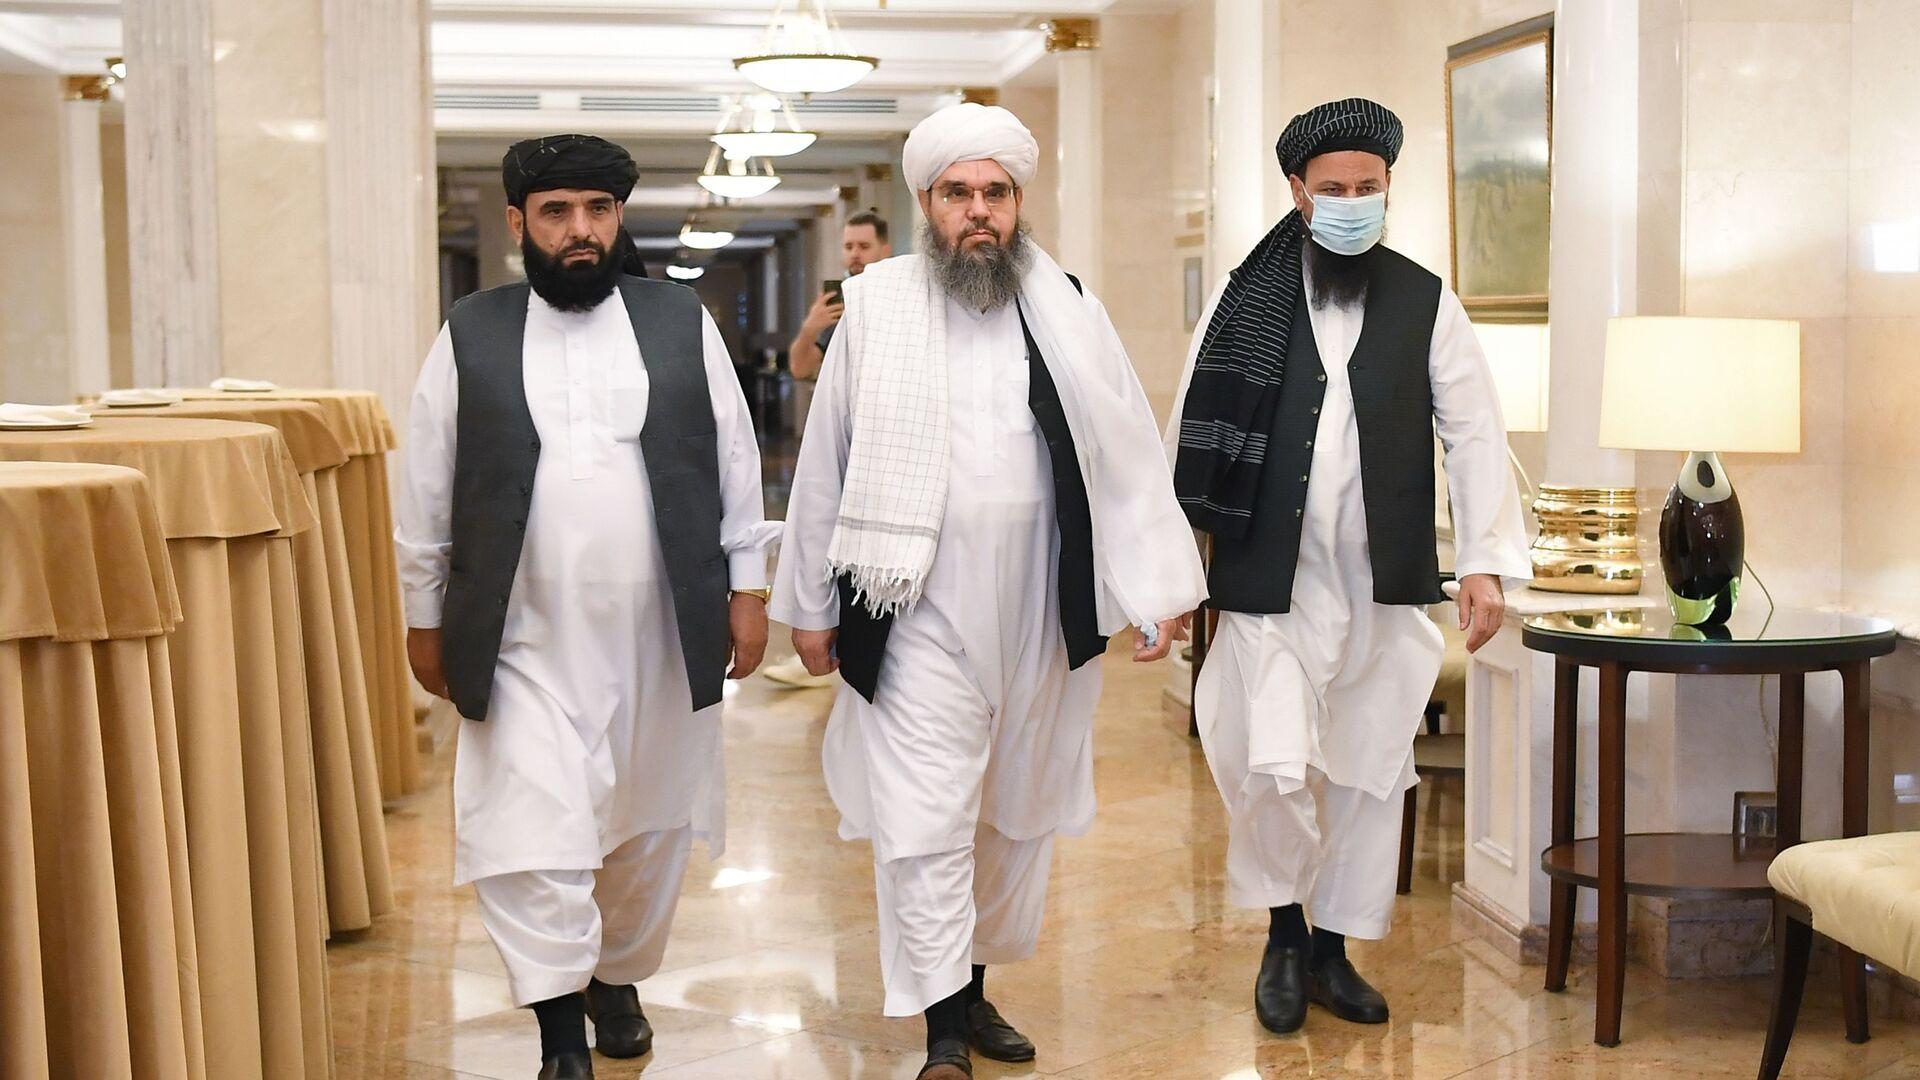 П/к делегации политического офиса движения Талибан (запрещено в РФ) в Москве - Sputnik Армения, 1920, 14.10.2021